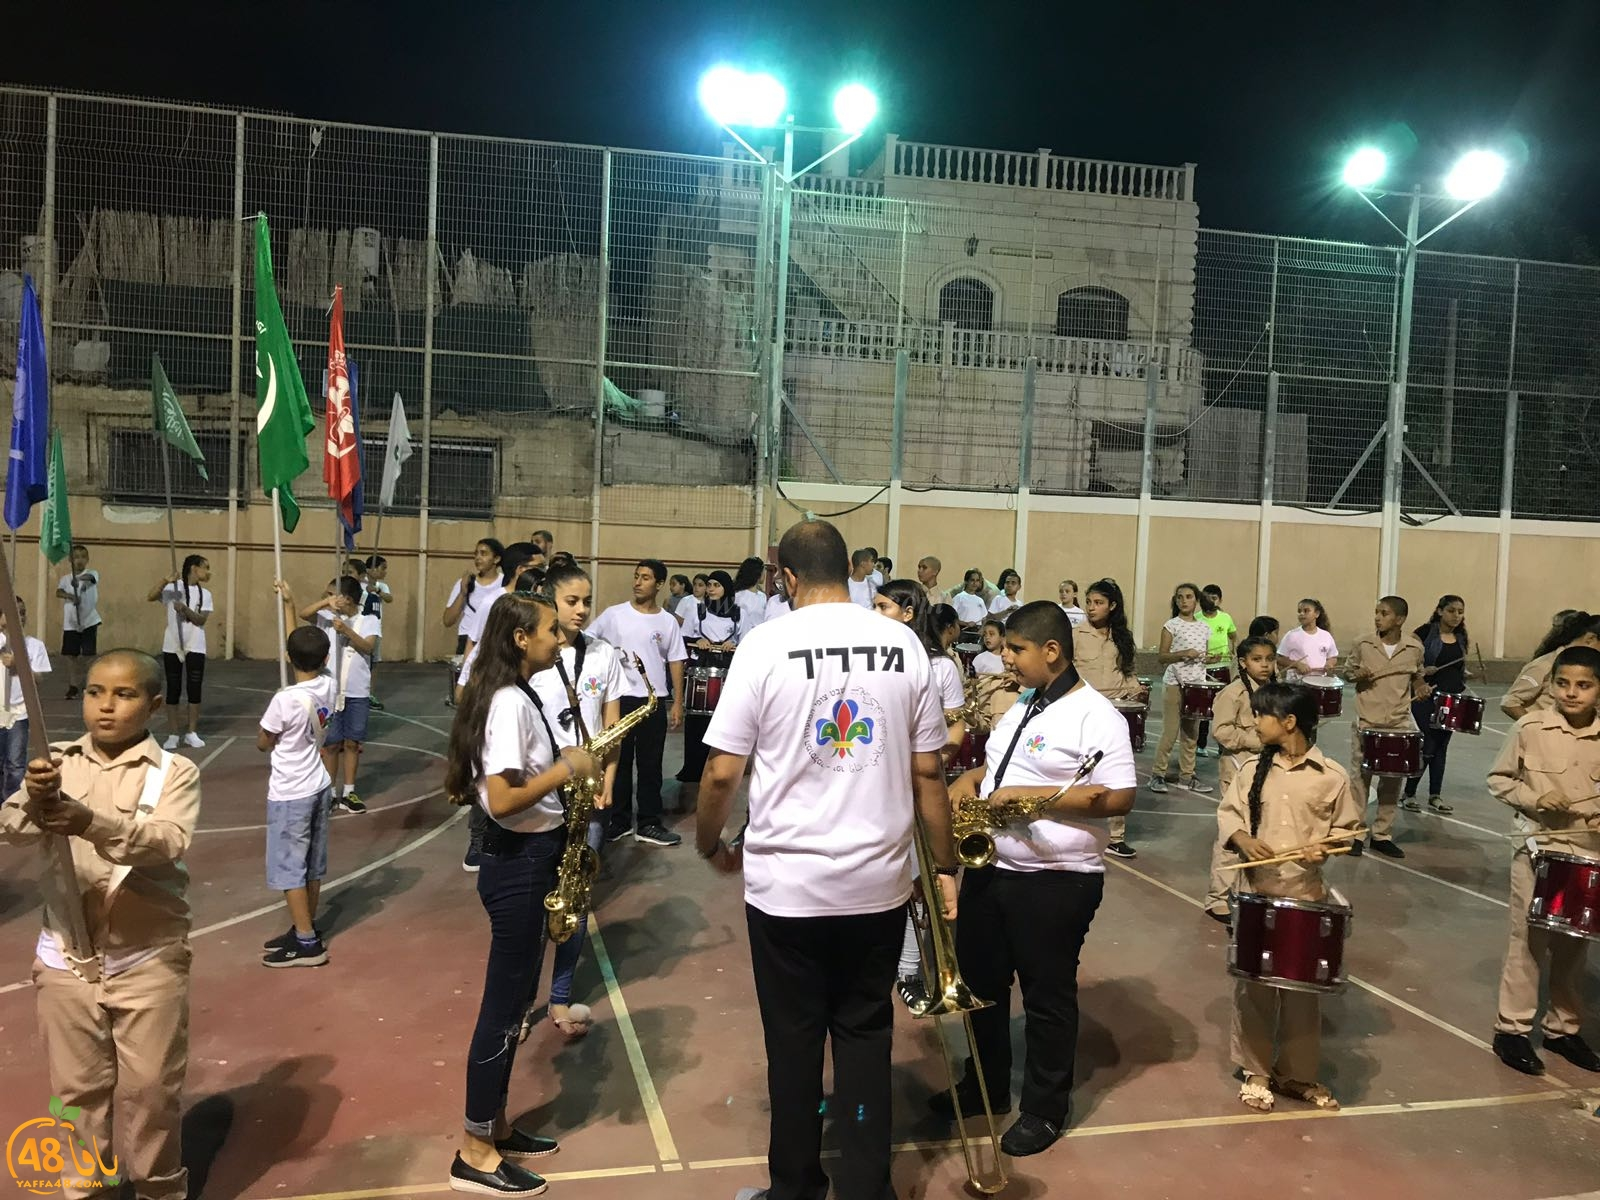 بالصور: كشاف النادي الاسلامي يستعد لتنظيم استعراض كشفي بمناسبة عيد الفطر